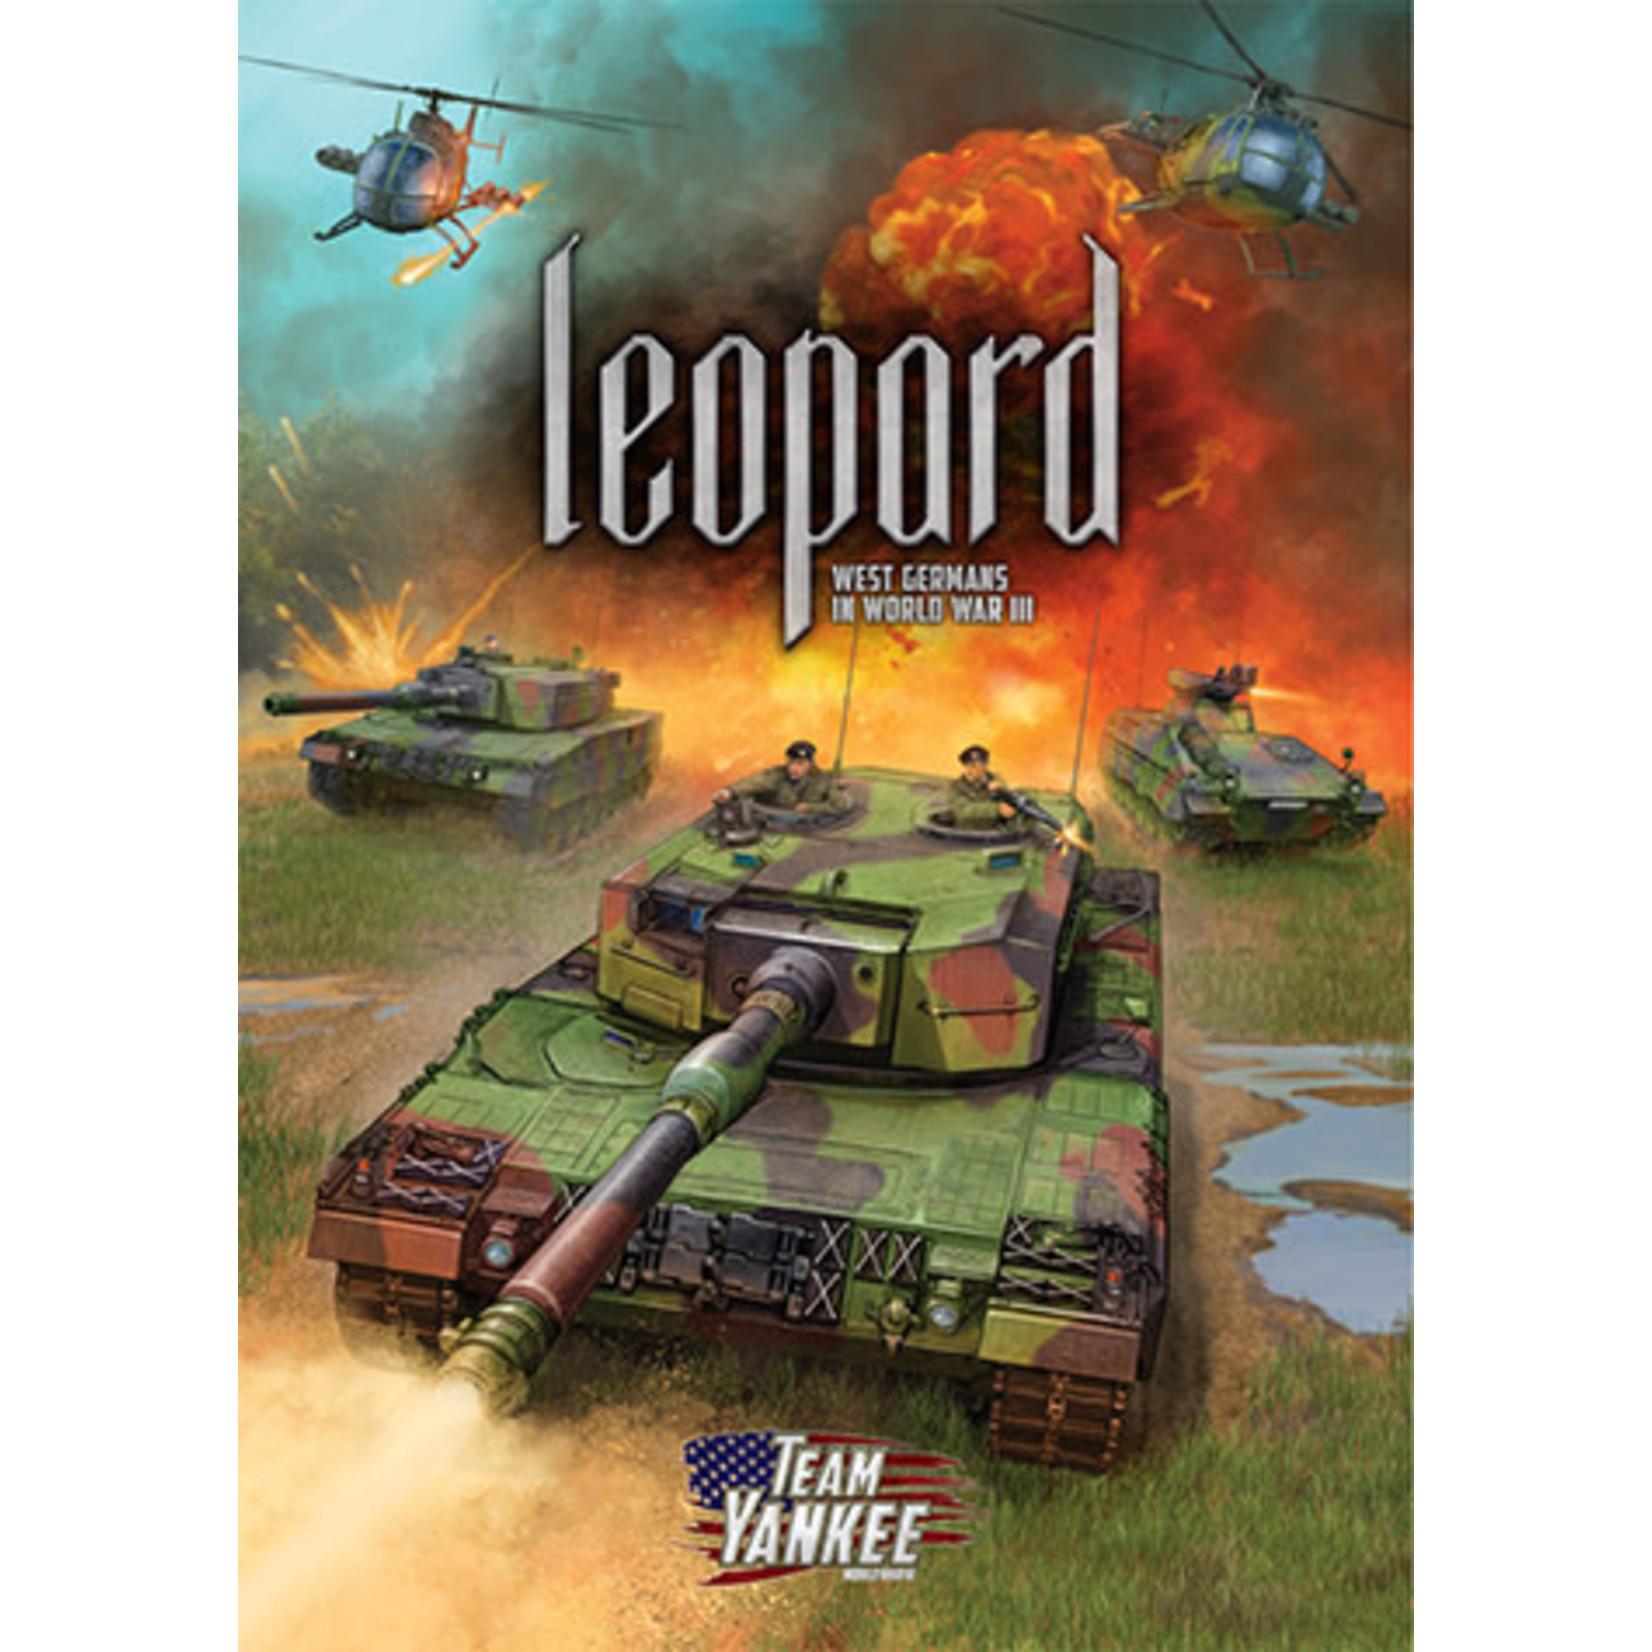 Battlefront Miniatures Ltd Team Yankee - World War III | Leopard